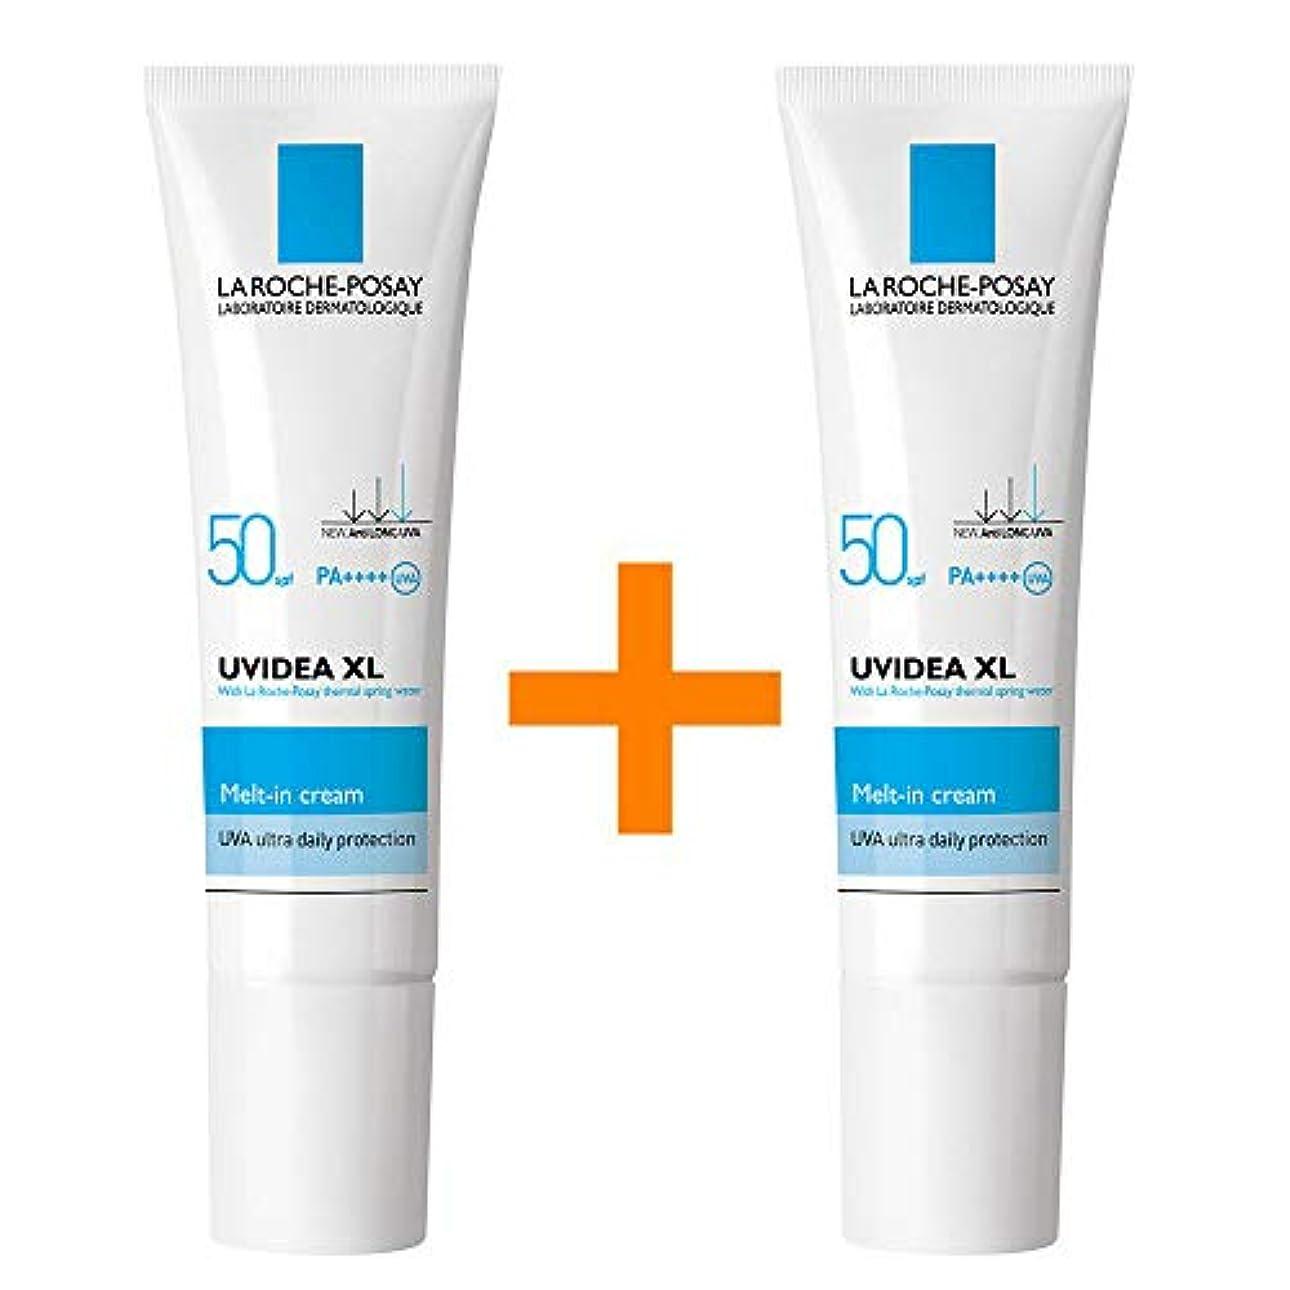 懺悔アテンダント熱[1+1] La Roche-Posay ラロッシュポゼ UVイデア XL Melt-In クリーム Uvidea XL Melt-In Cream - Natural (30ml) SPF50+ PA++++